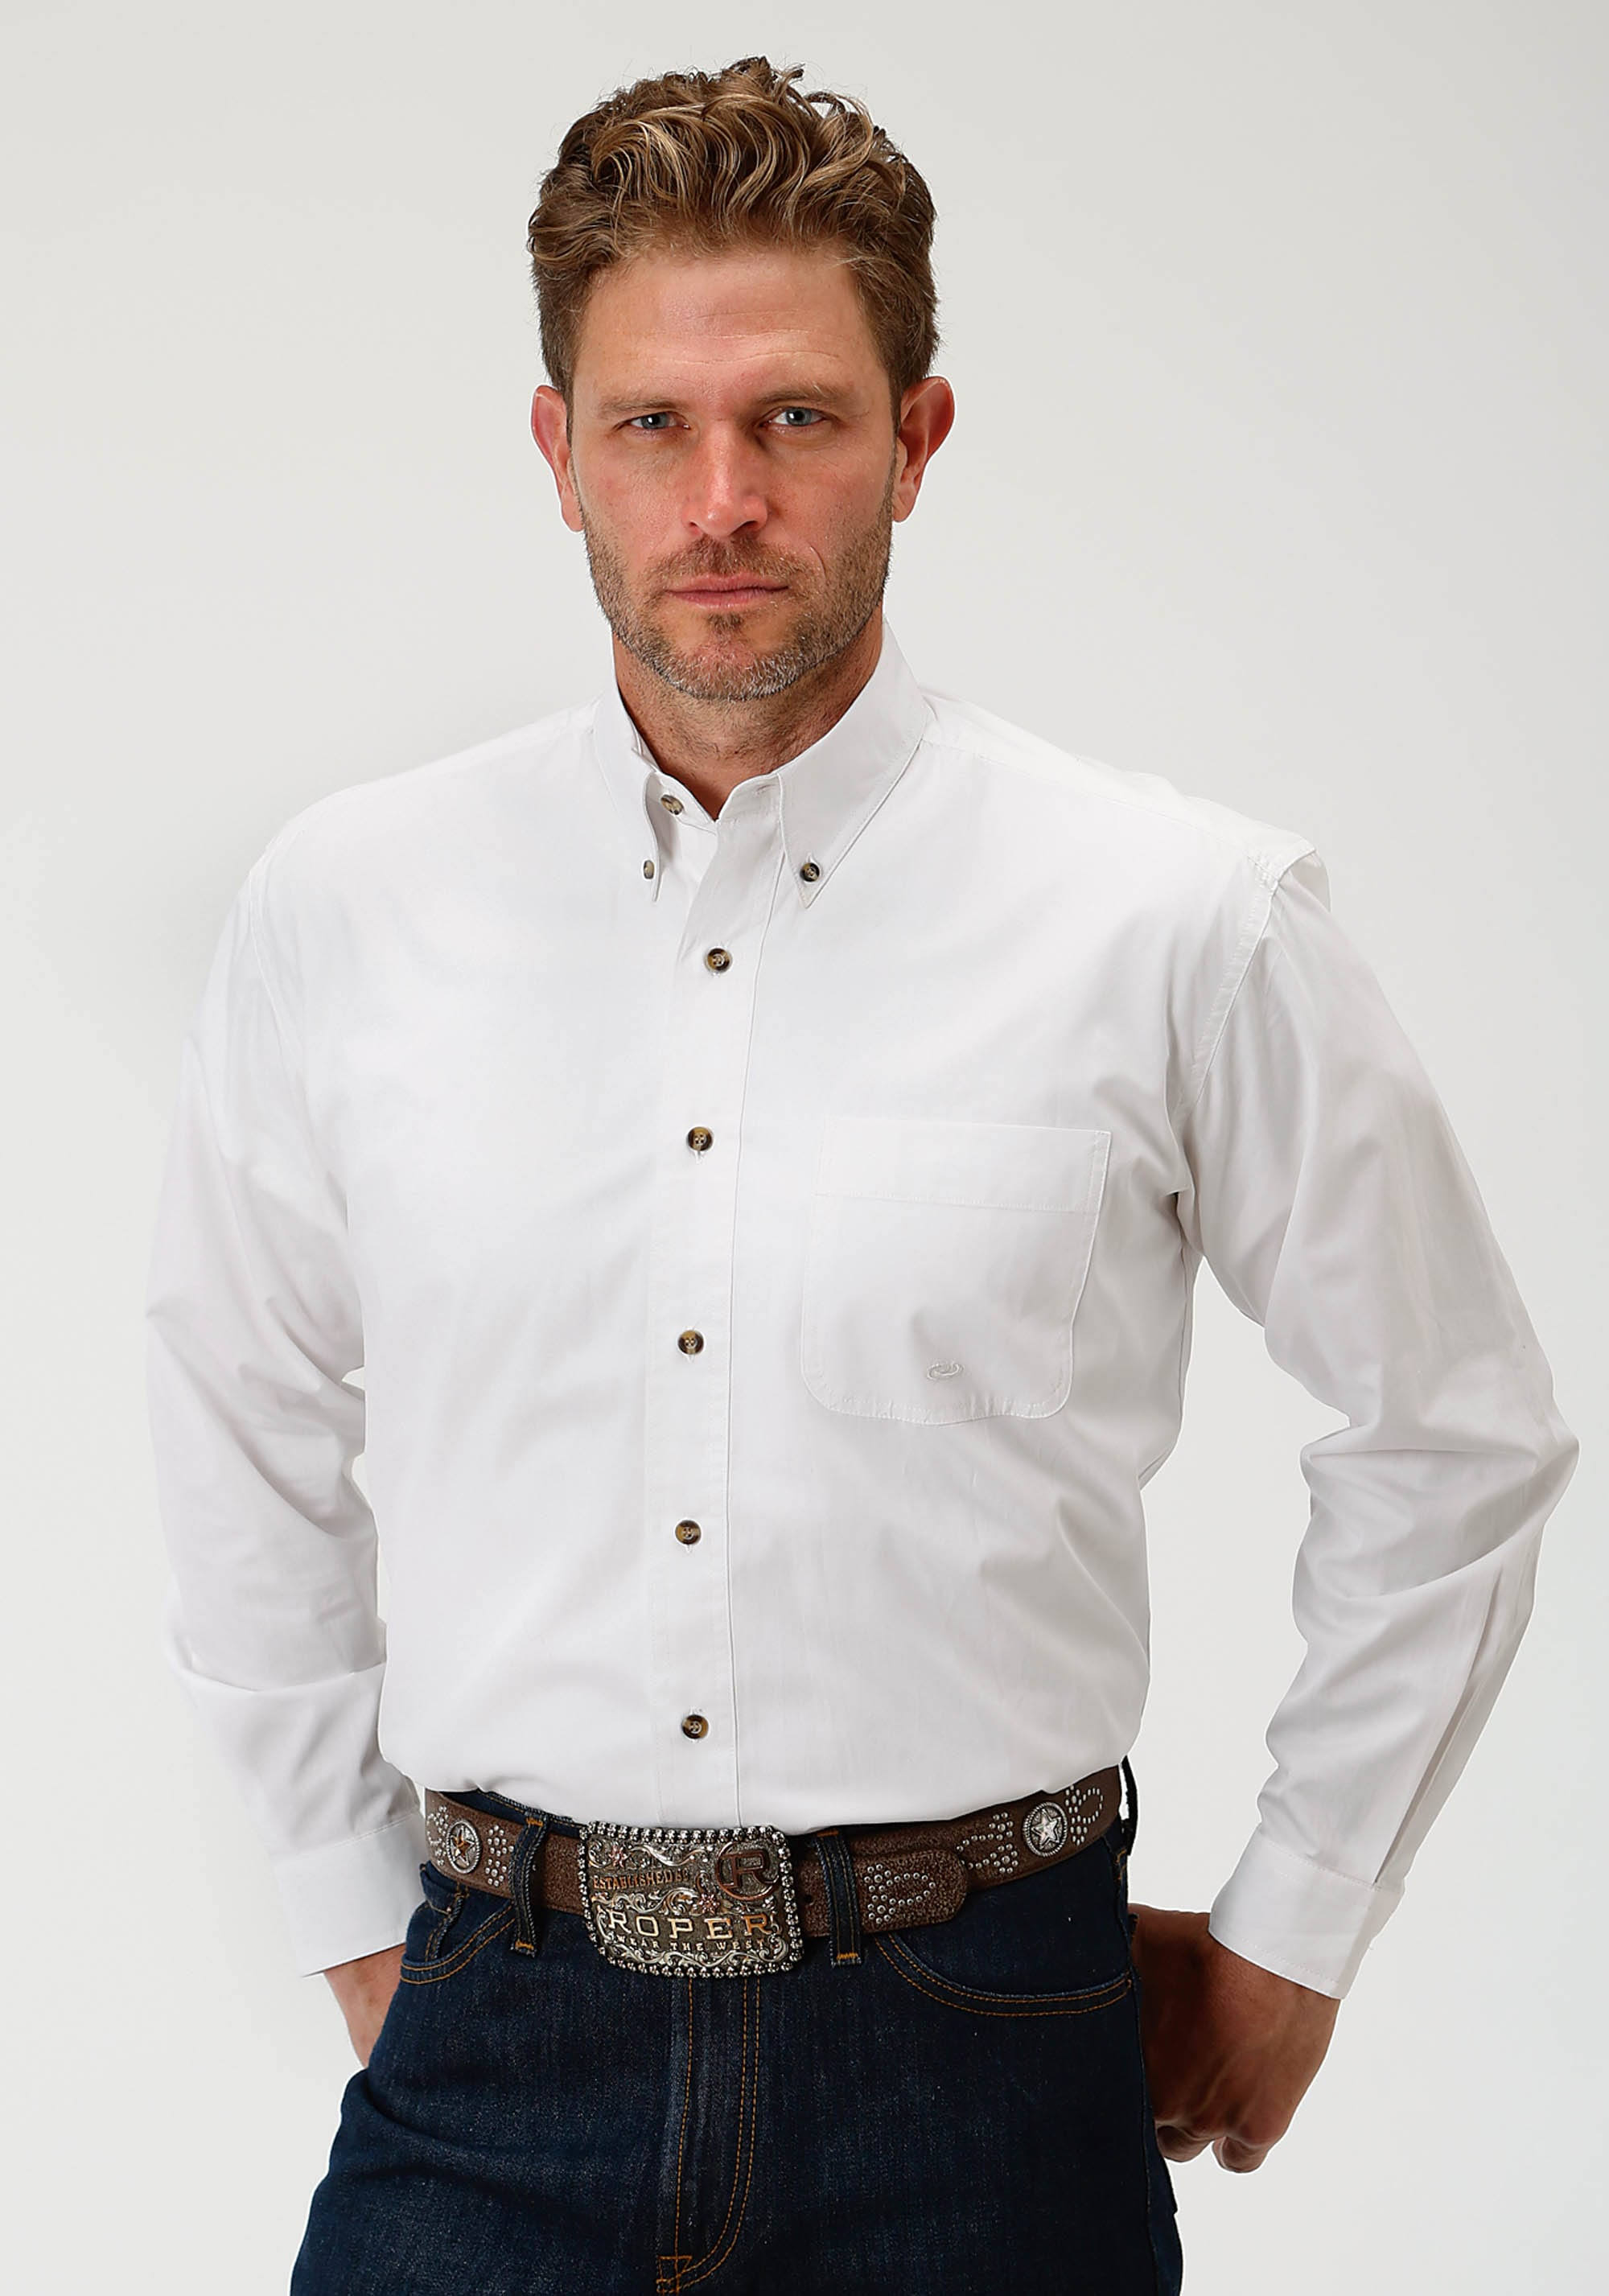 Wh Roper S 001 0025 Blanco Shirt Sólido Hombre Western 03 L 0366 Botón xRwqOp1Bx